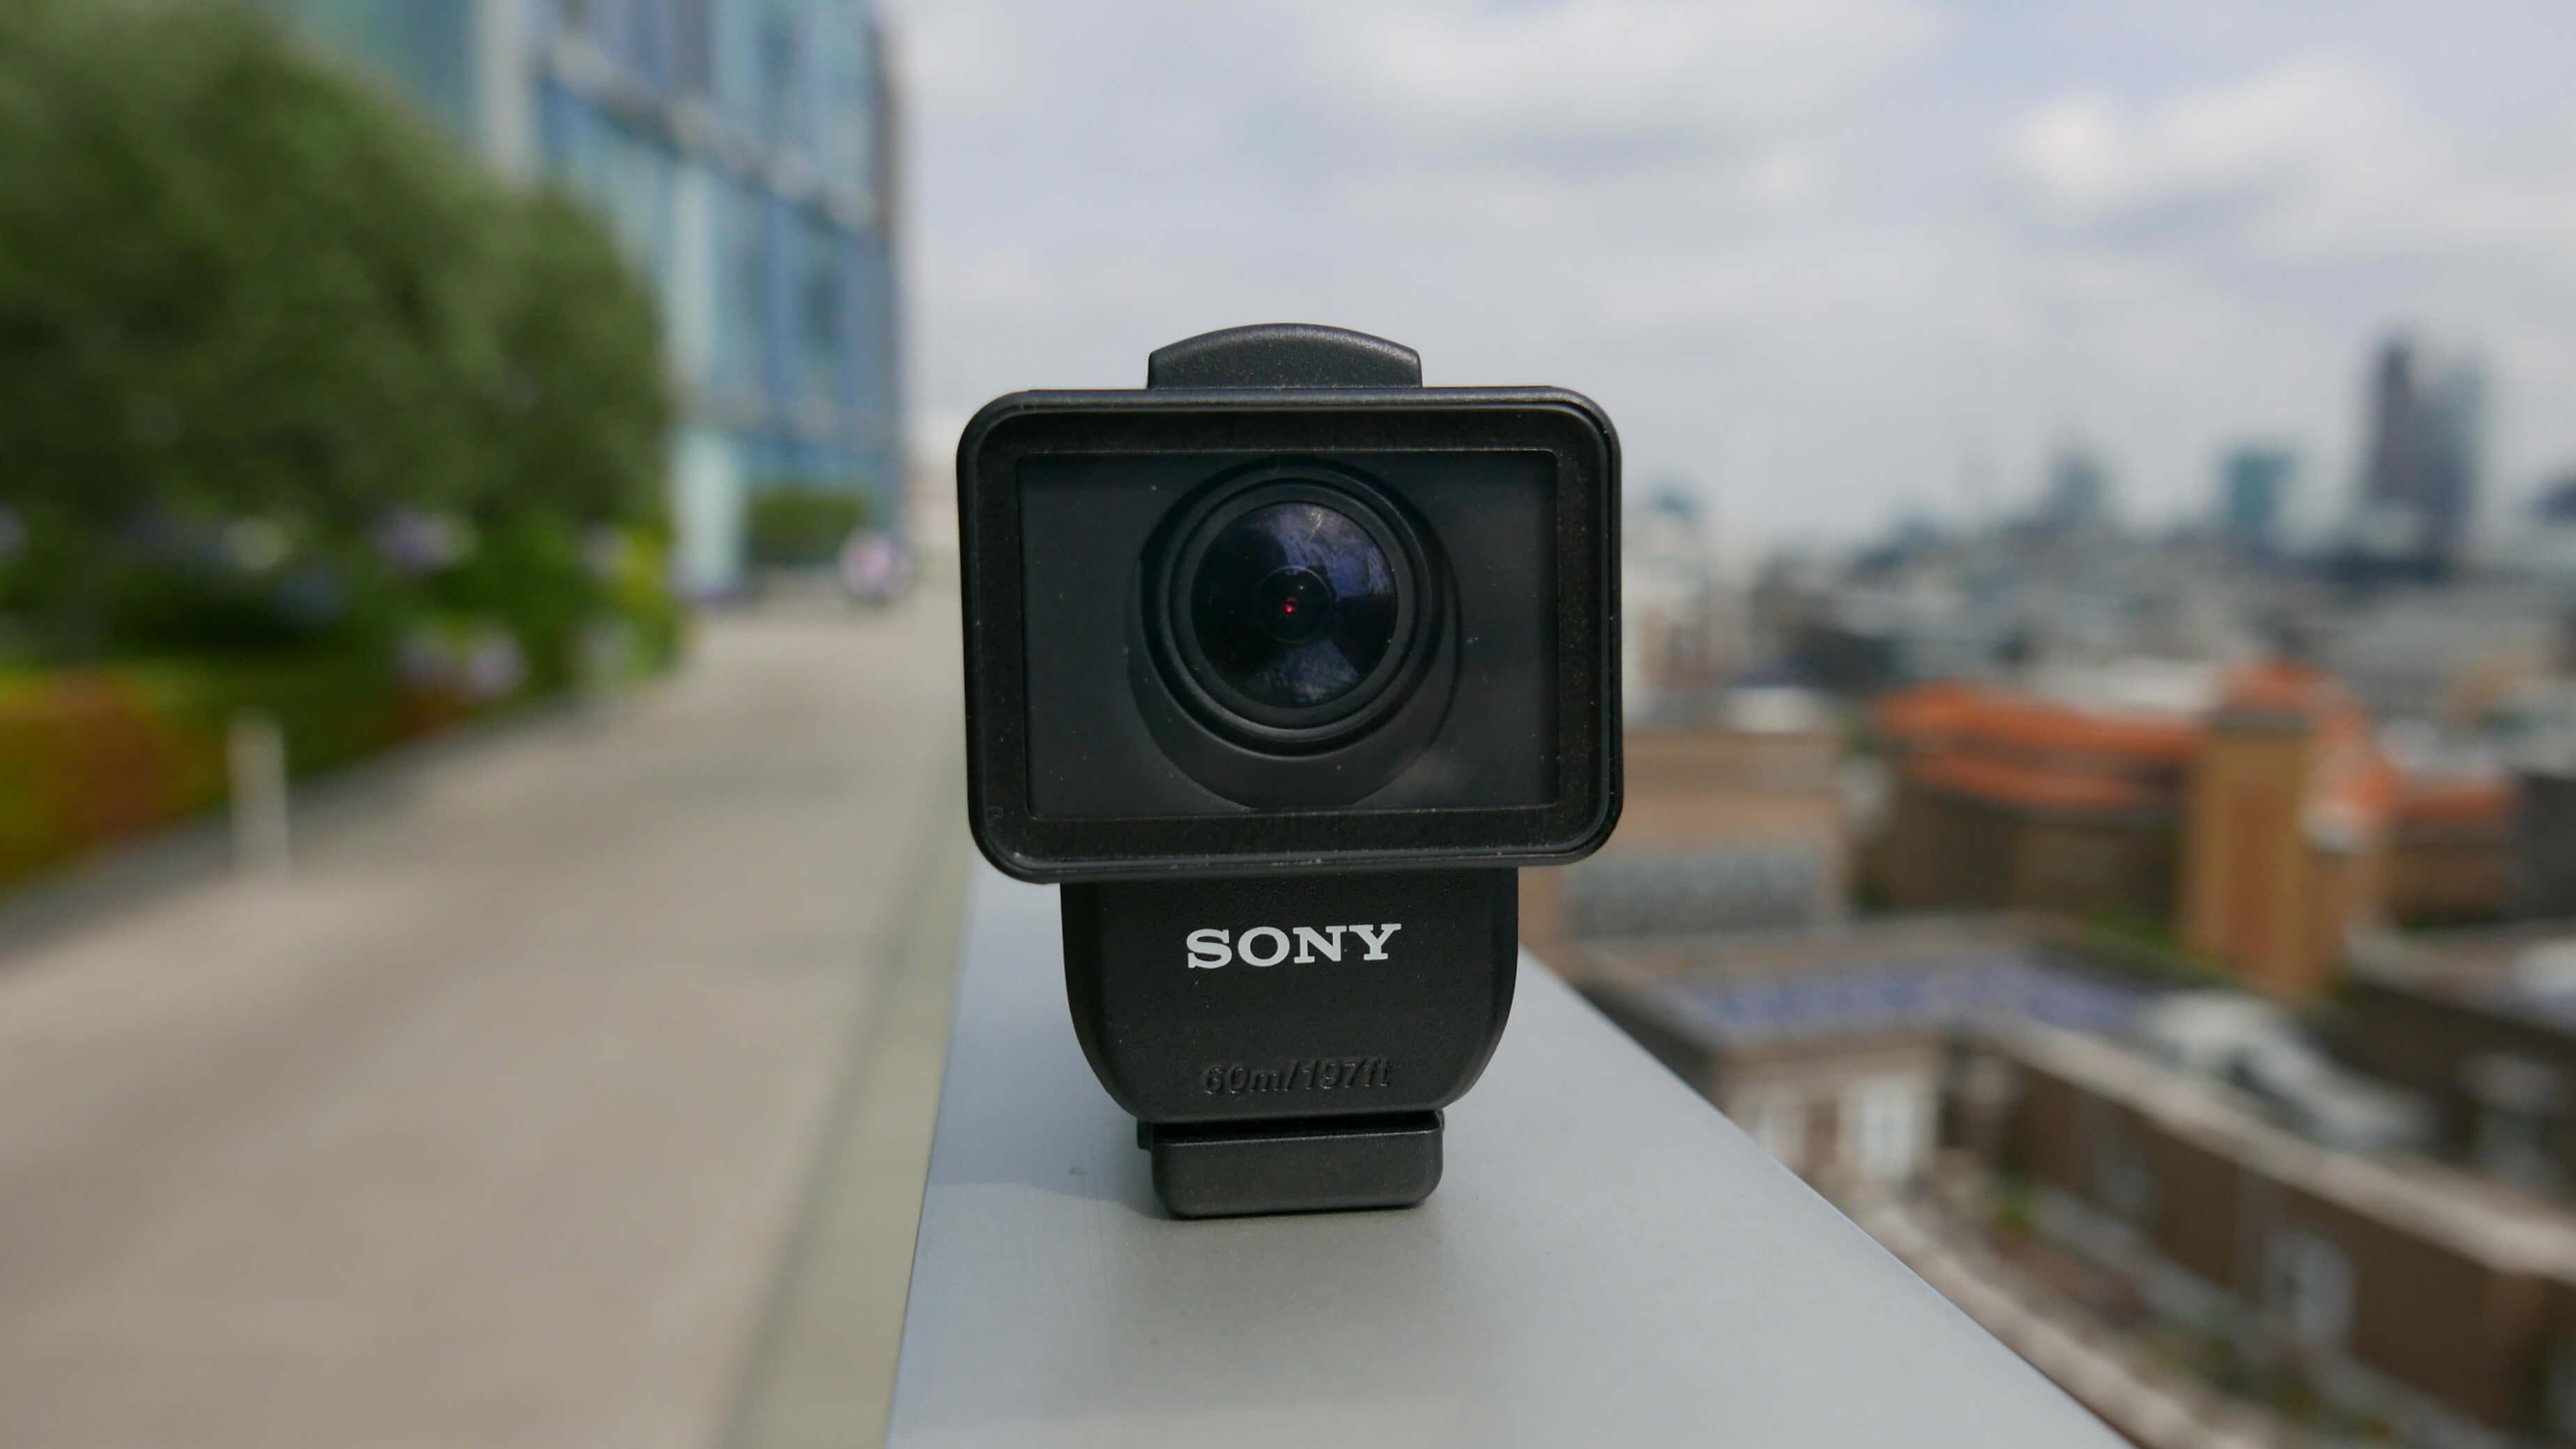 Sony HDR-AS50 Action Camera Opinioni, Prezzo, Recensione